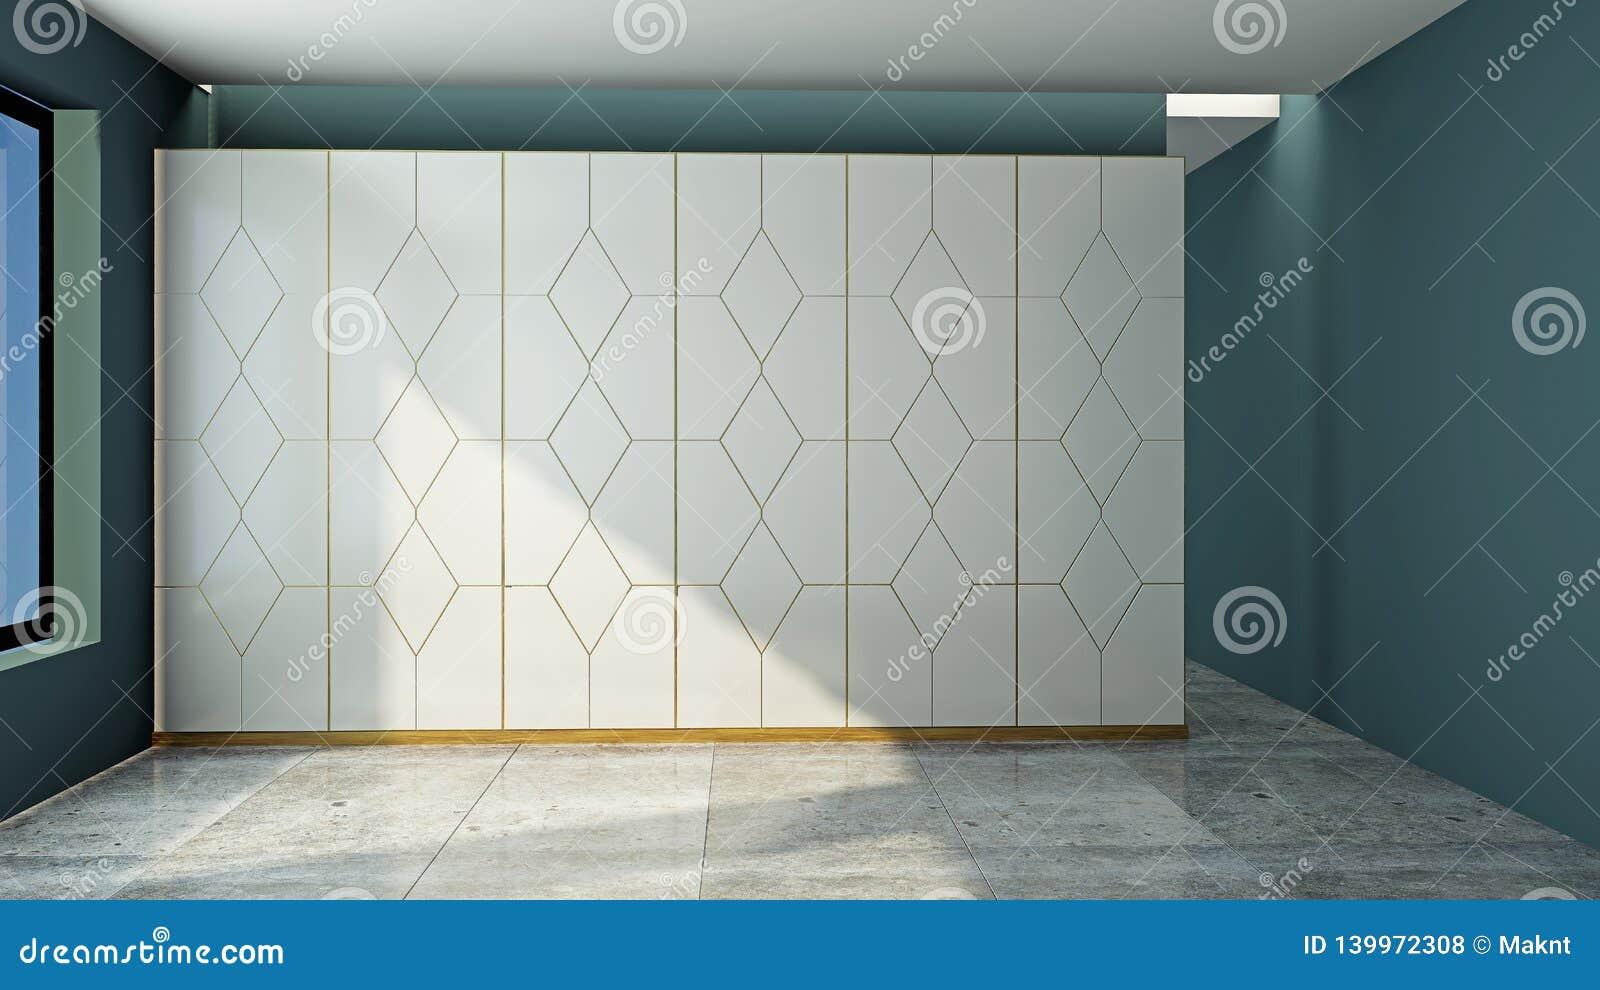 Wardrobe in an empty room 3D rendering